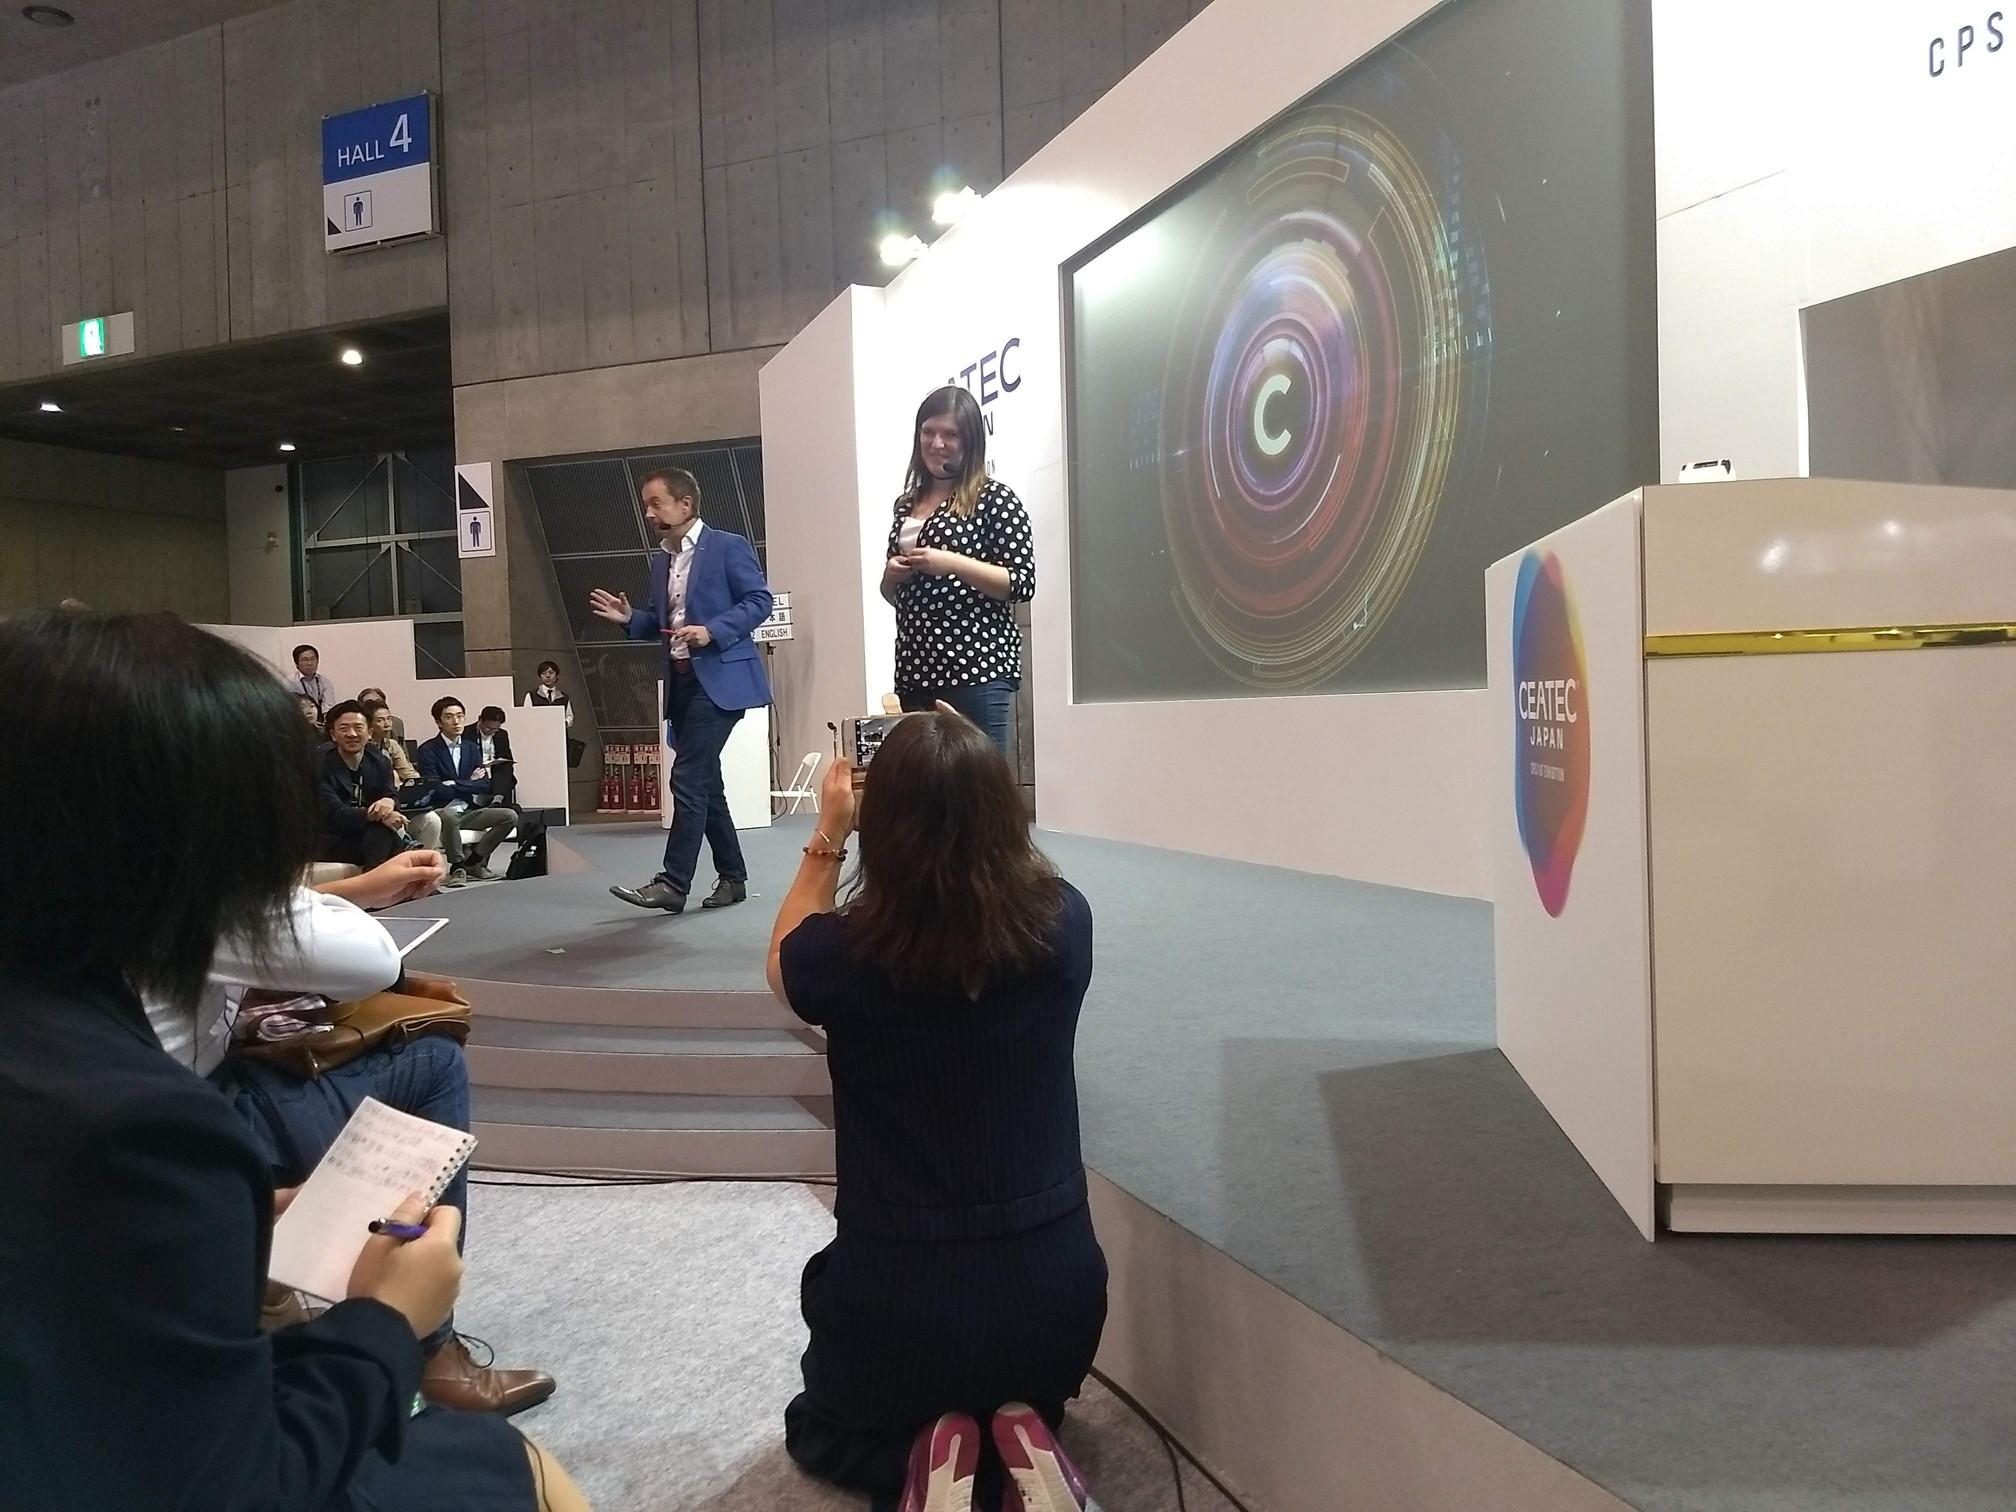 CEATEC JAPANセッションからピックアップ〜関根禎嘉連載・メディアイベント右往左往《第21回》〜